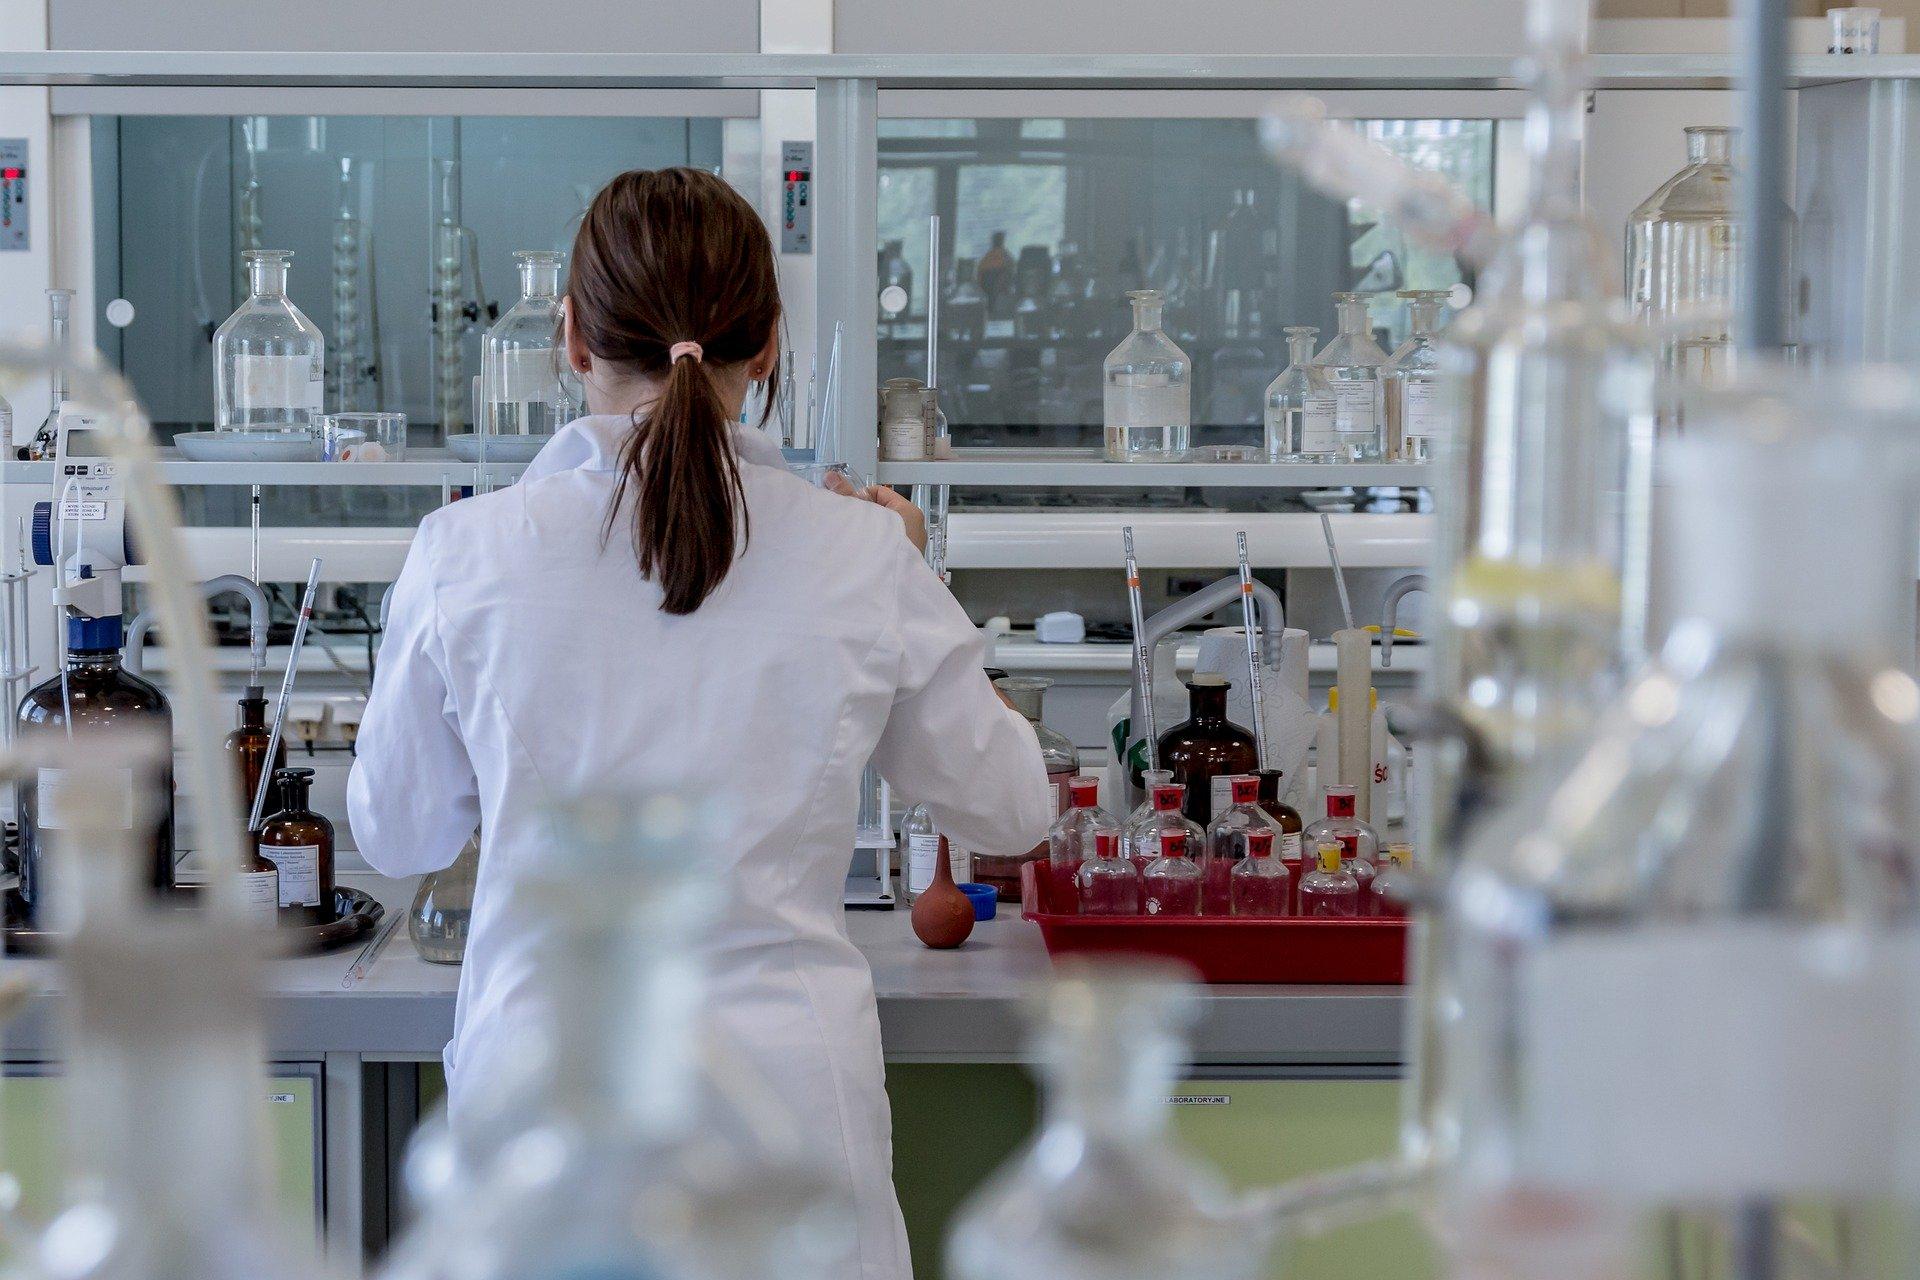 Frau in weißem Kittel steht im Labor mit dem Rücken zur Kamera.